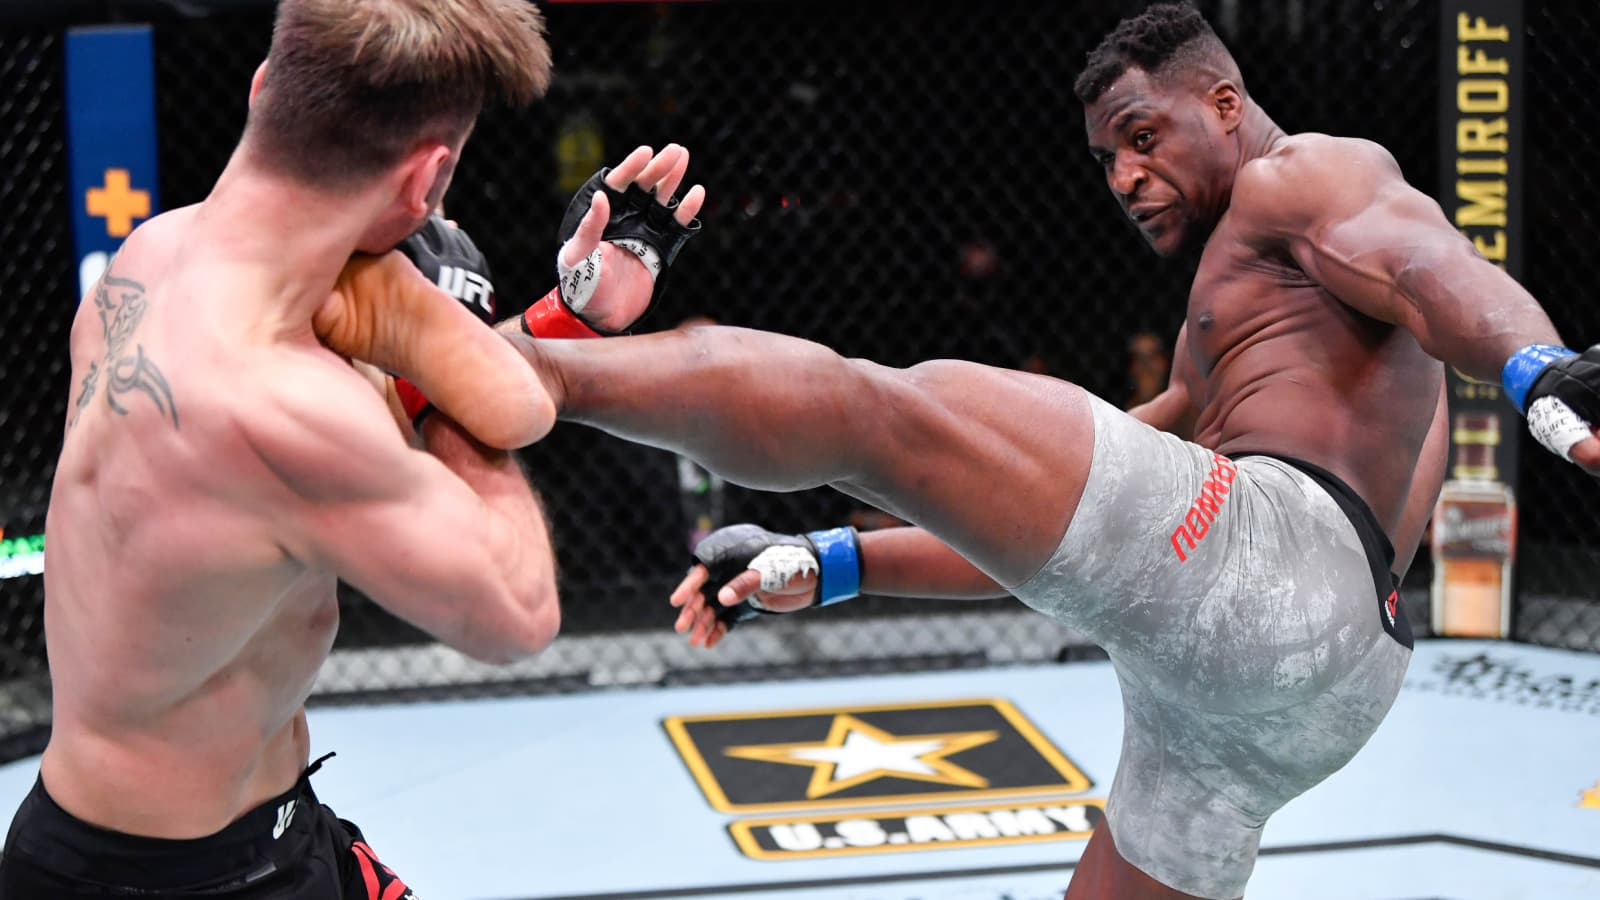 Suivez les grands moments de l'UFC sur RMC Sport